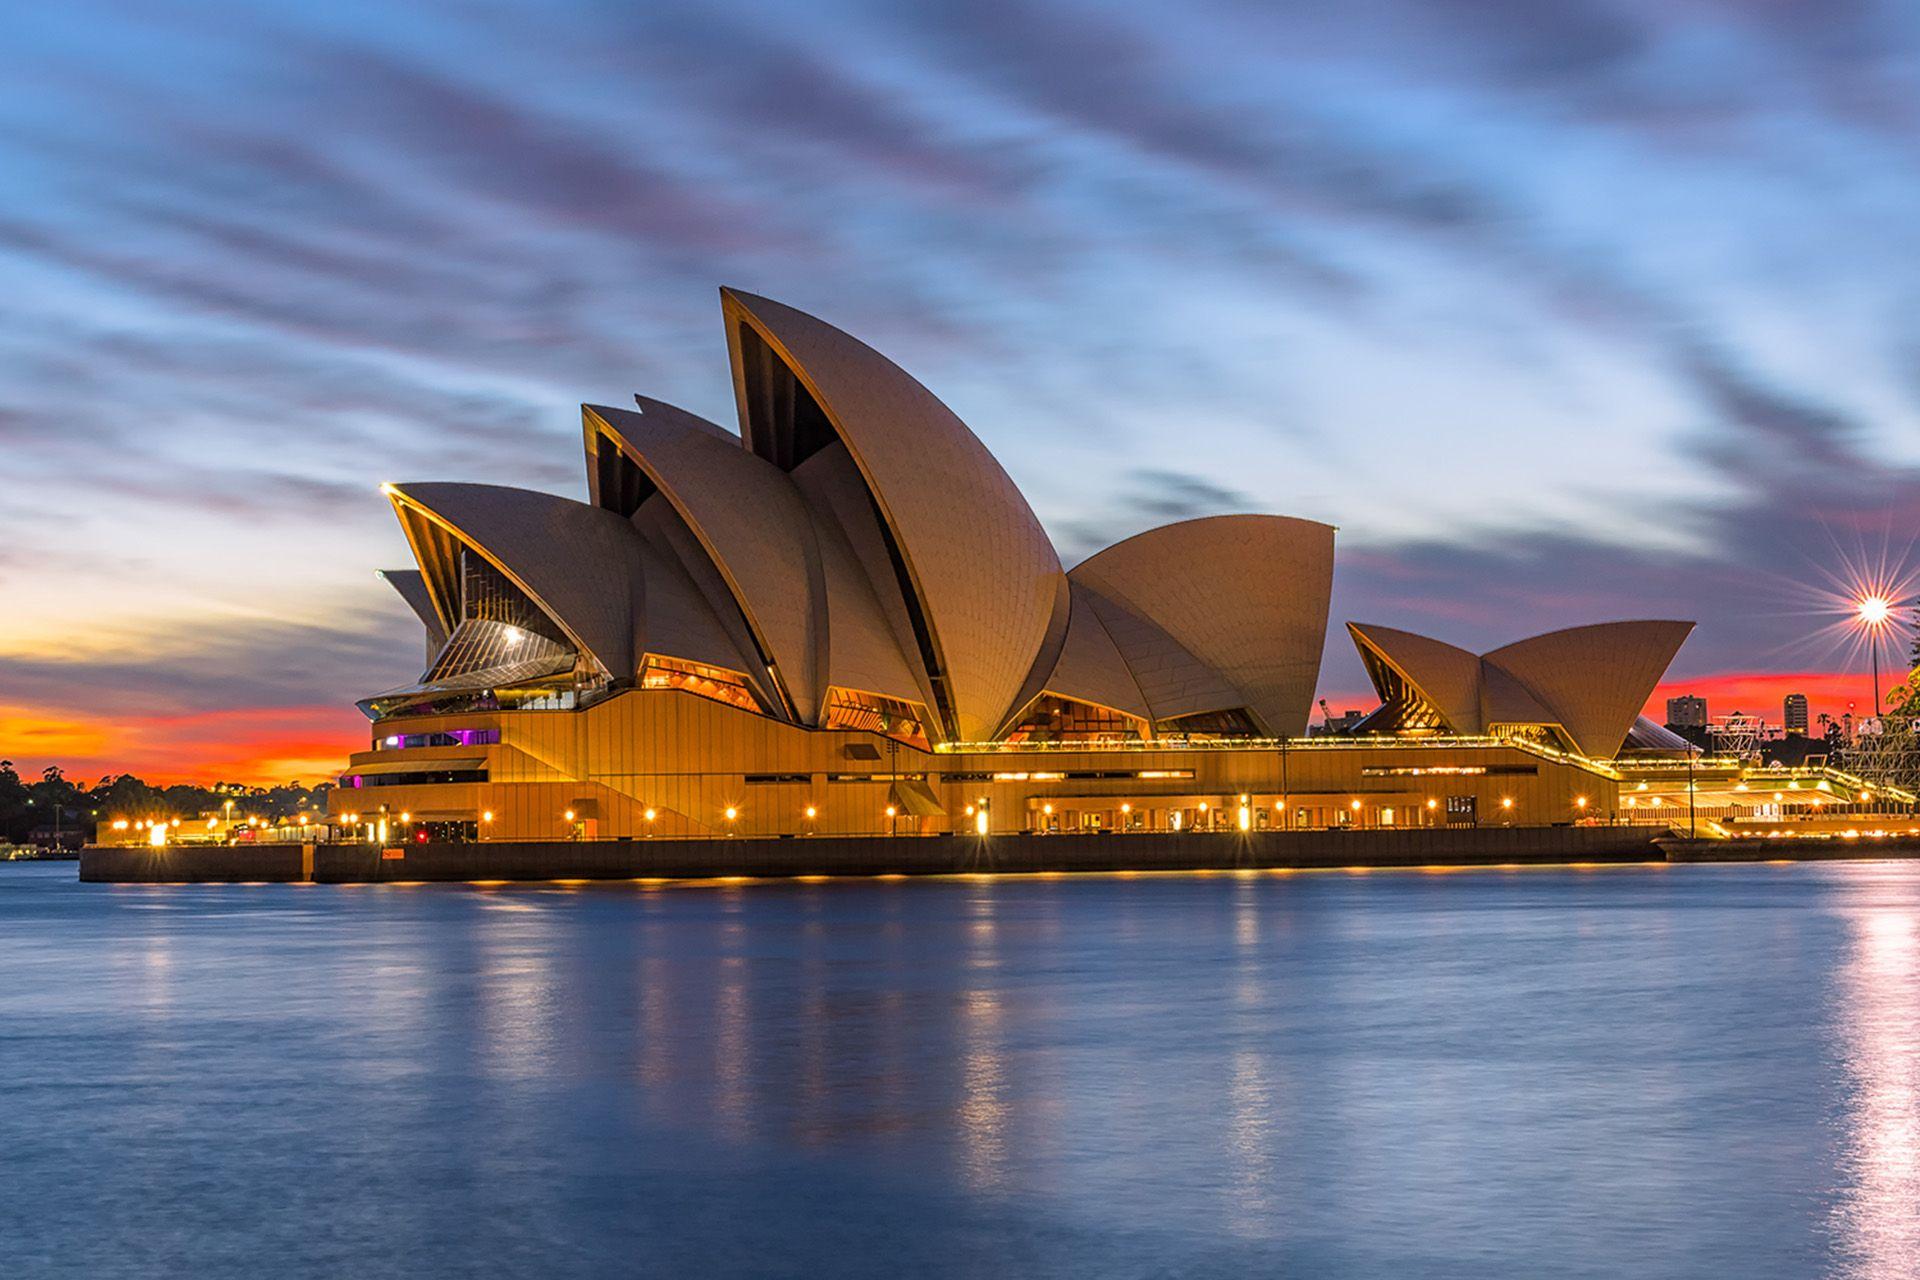 Lavorare In Australia Come Architetto ove arup, l'ingegnere ombra dietro i grandi architetti